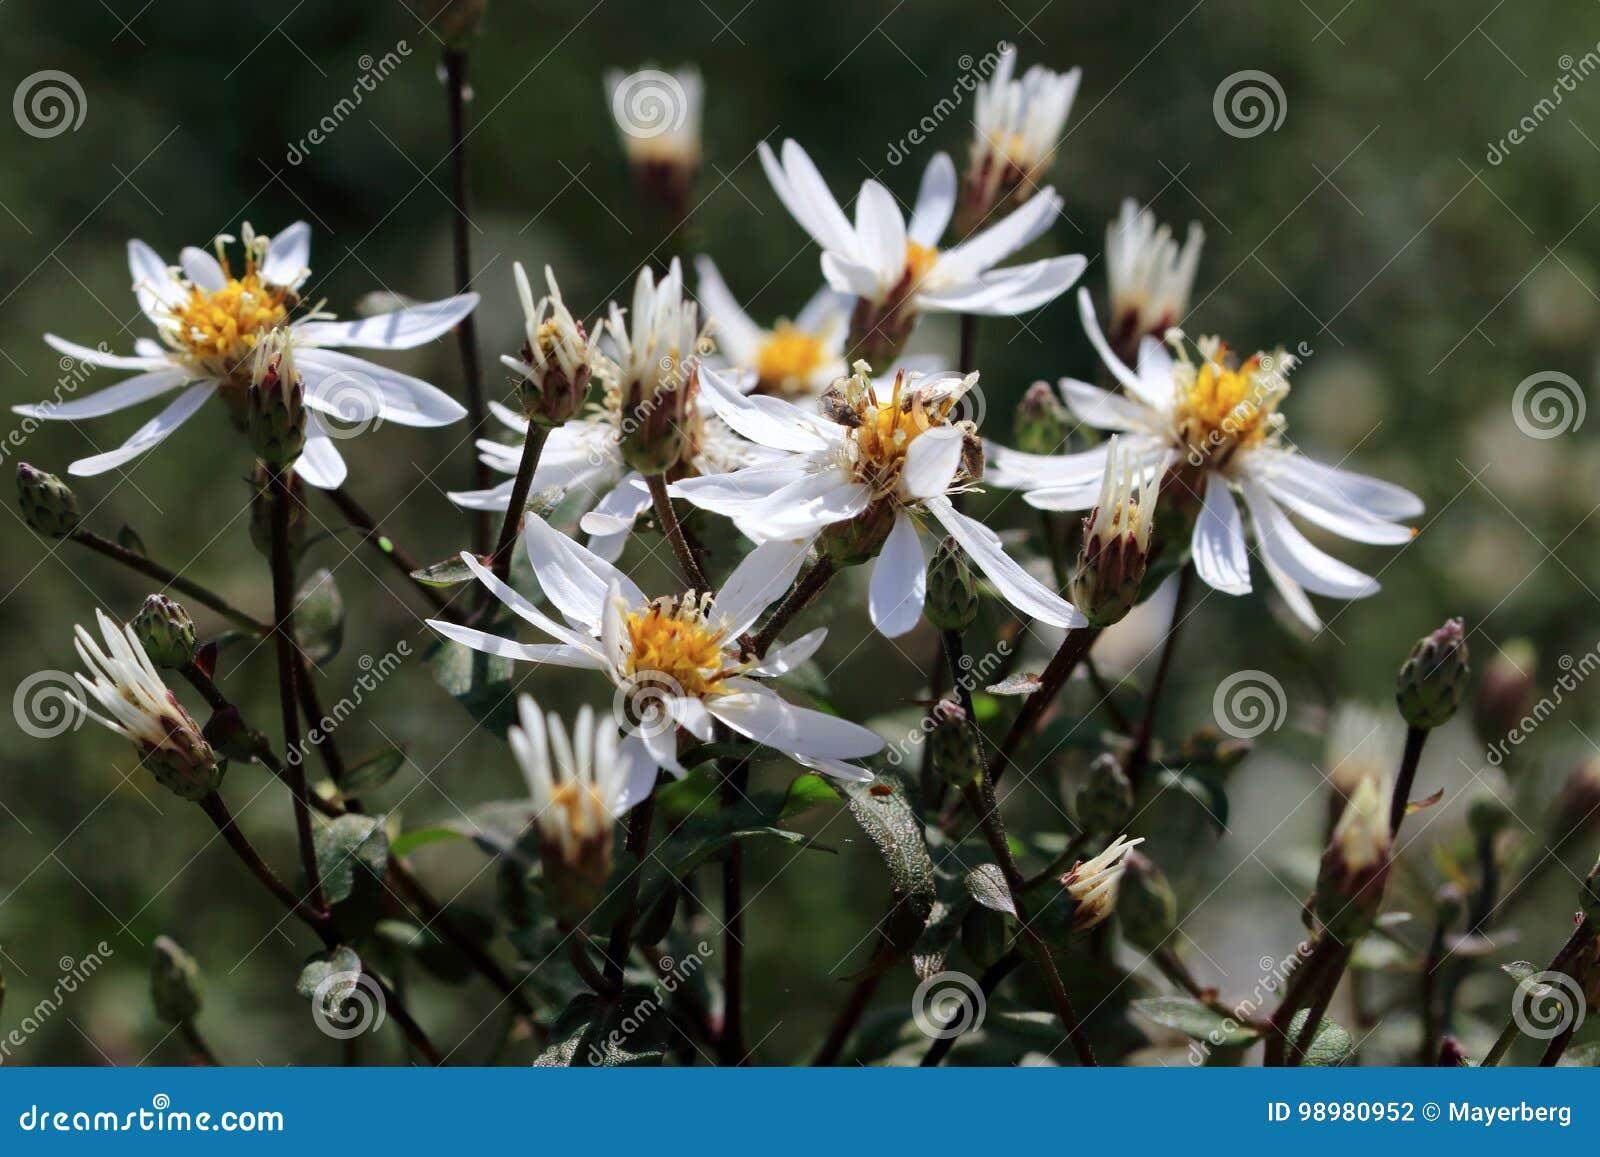 Weiße Sternförmige Blumen Von Aster Divaricatus Stockfoto Bild Von